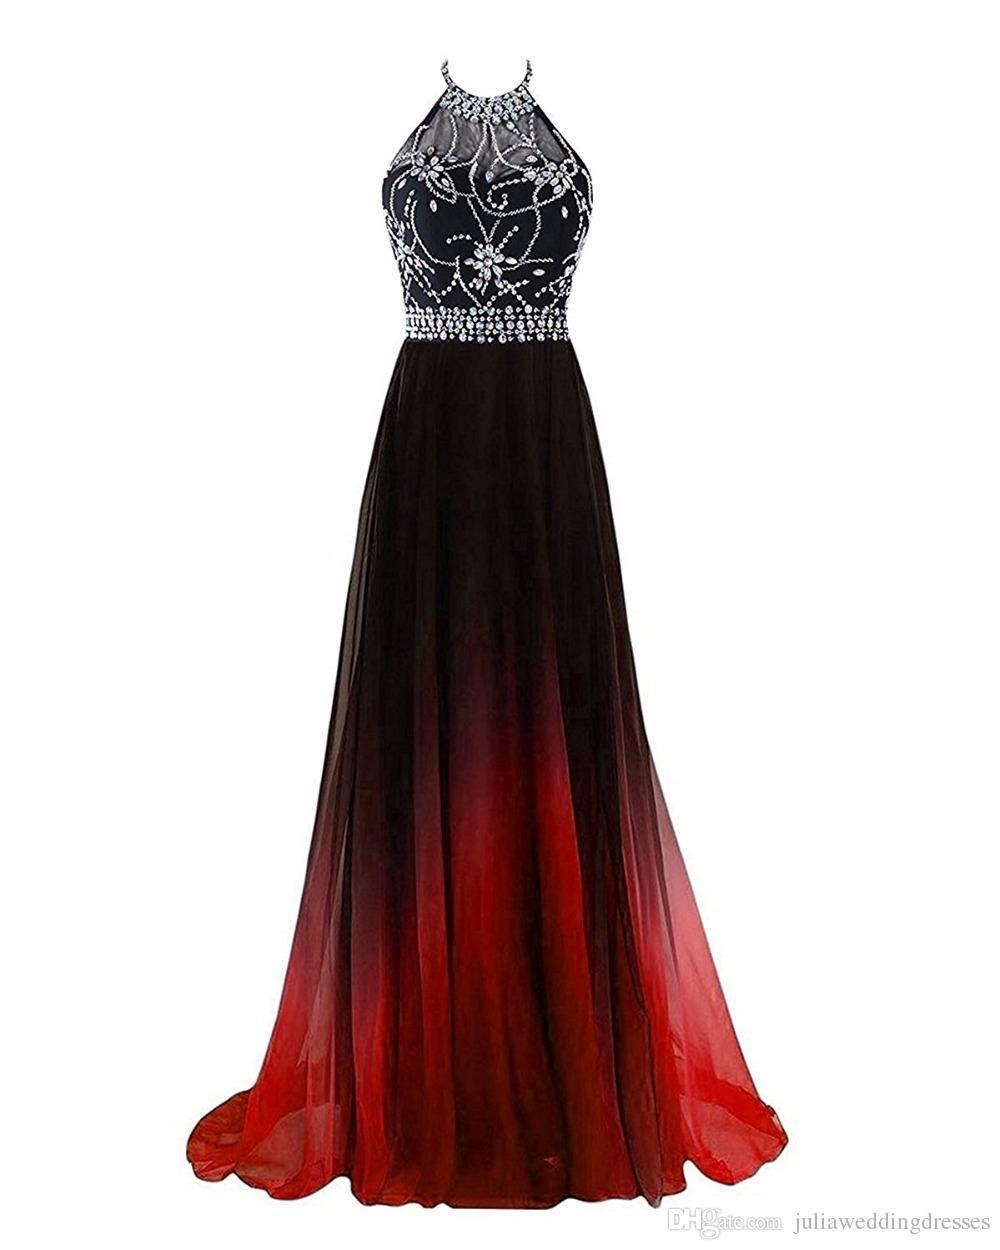 2018 новые горячие продажи сексуальные платья выпускного вечера градиент холтер с длинным шифоном плюс размер Ombre вечерние платья вечернее платье